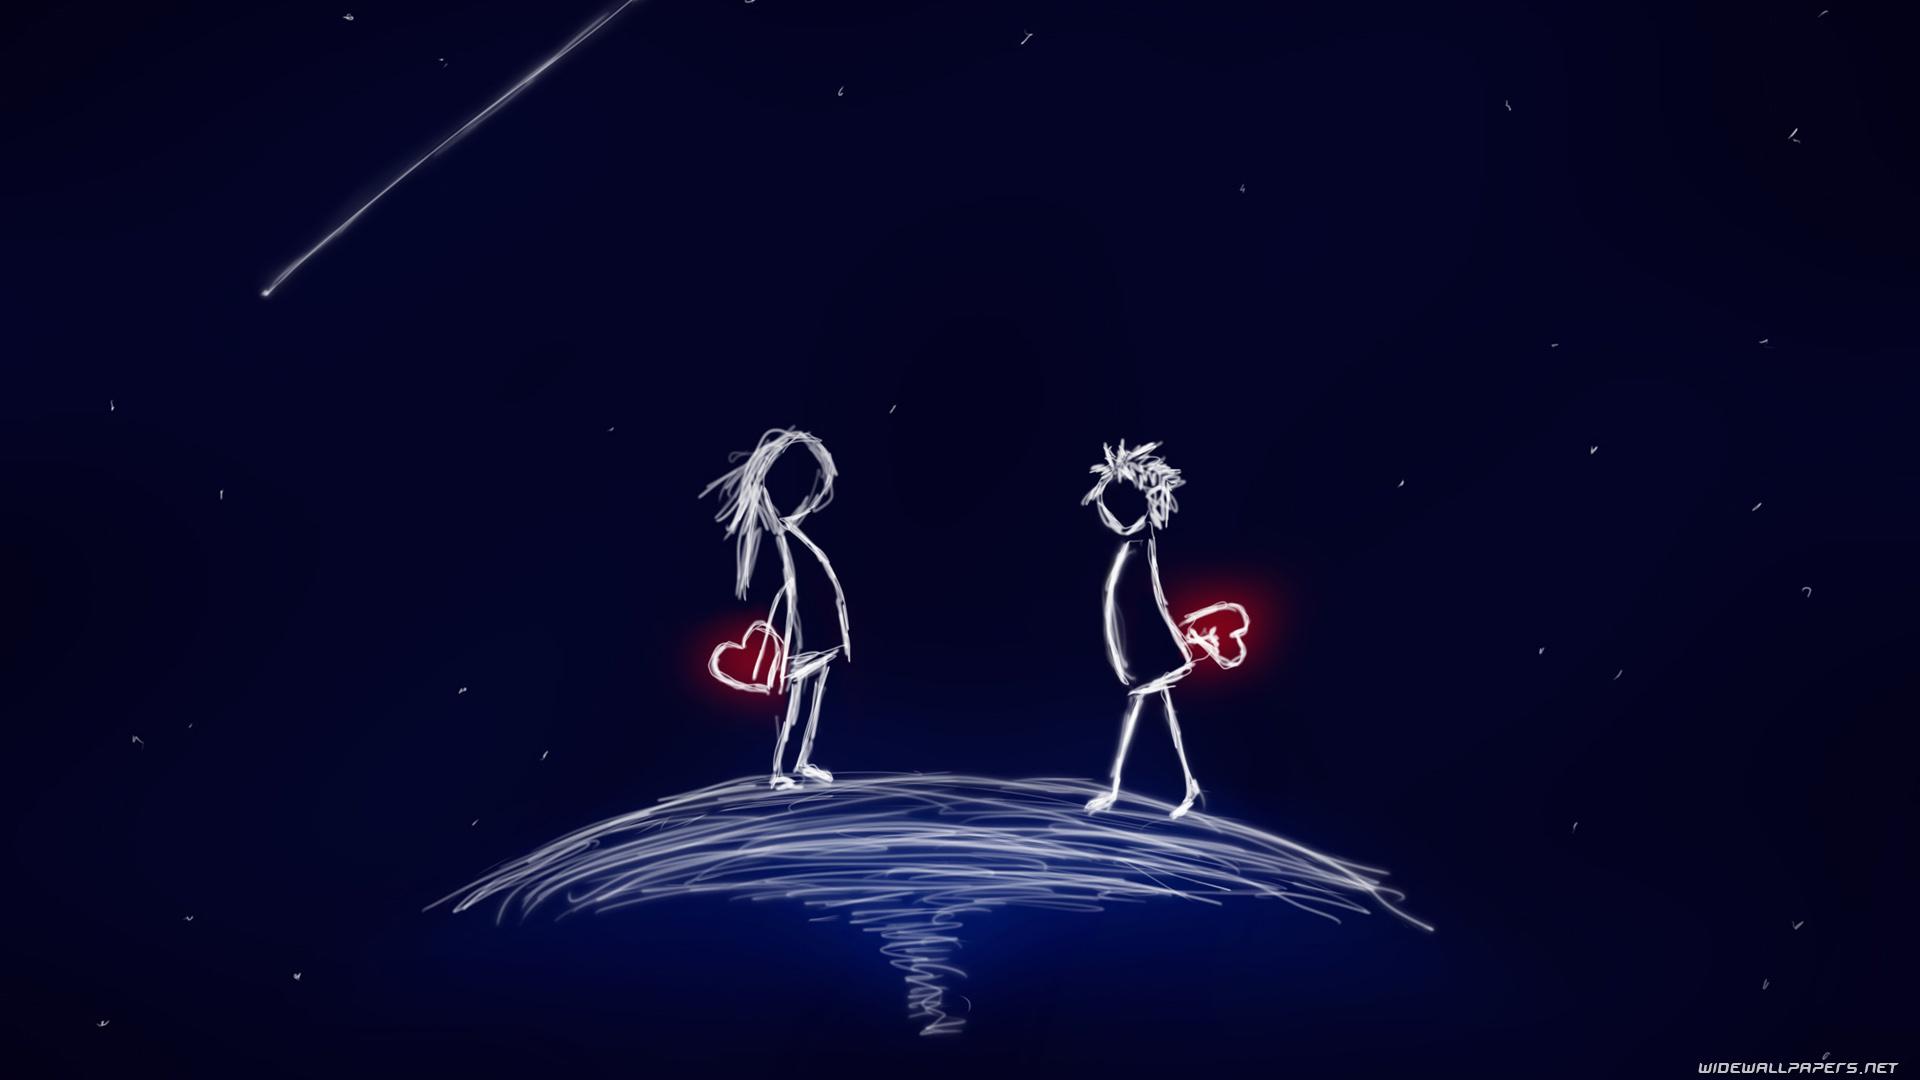 wallpapersxl-couple-d-amour-amoureux-dans-l-espace-hellogif-com-260279-1920x1080